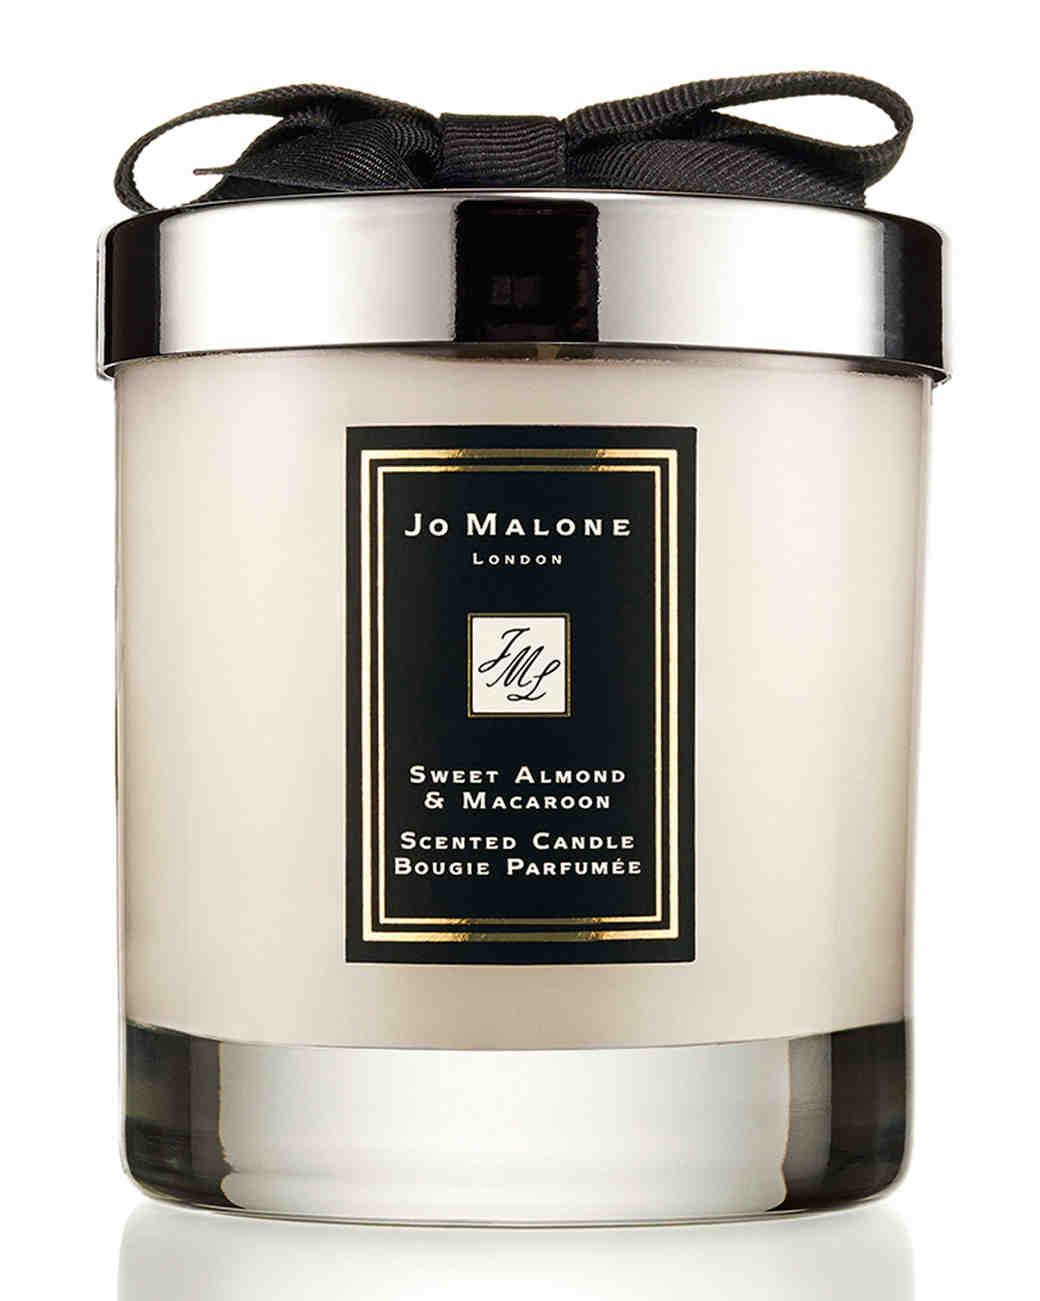 hostess-gifts-jo-malone-candle-1115.jpg